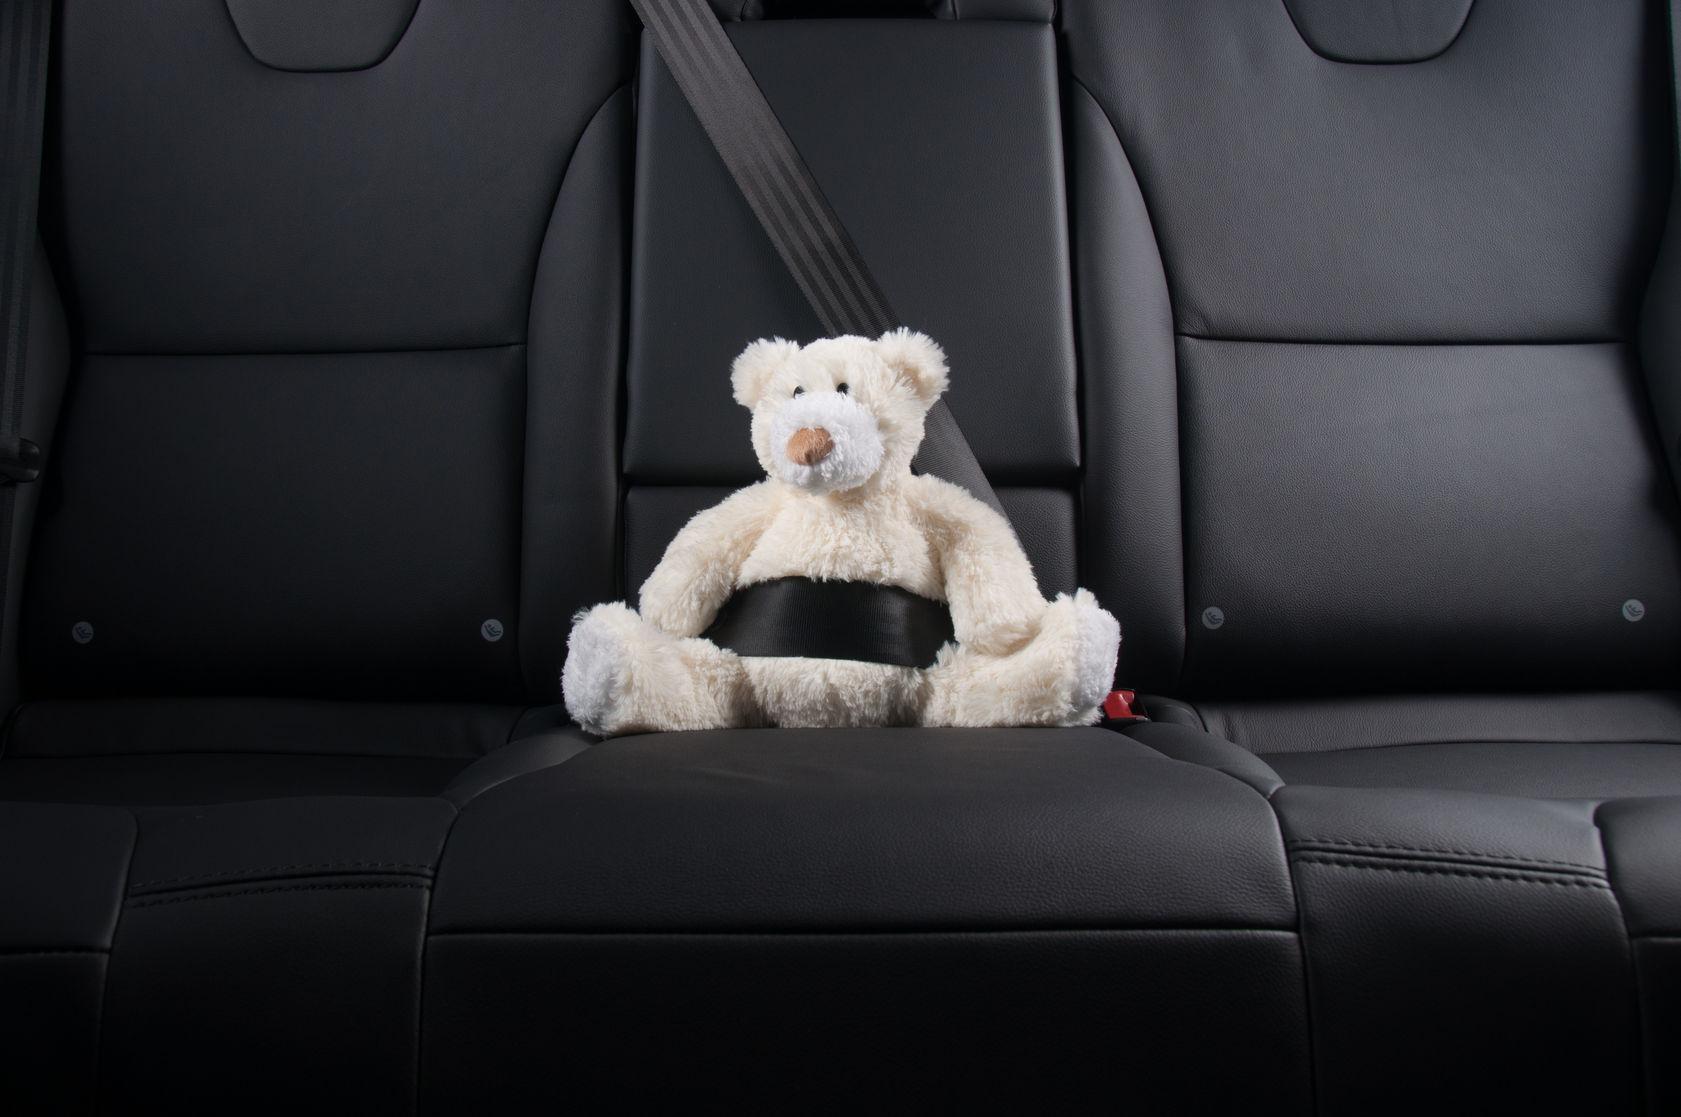 seatbelt auto accident